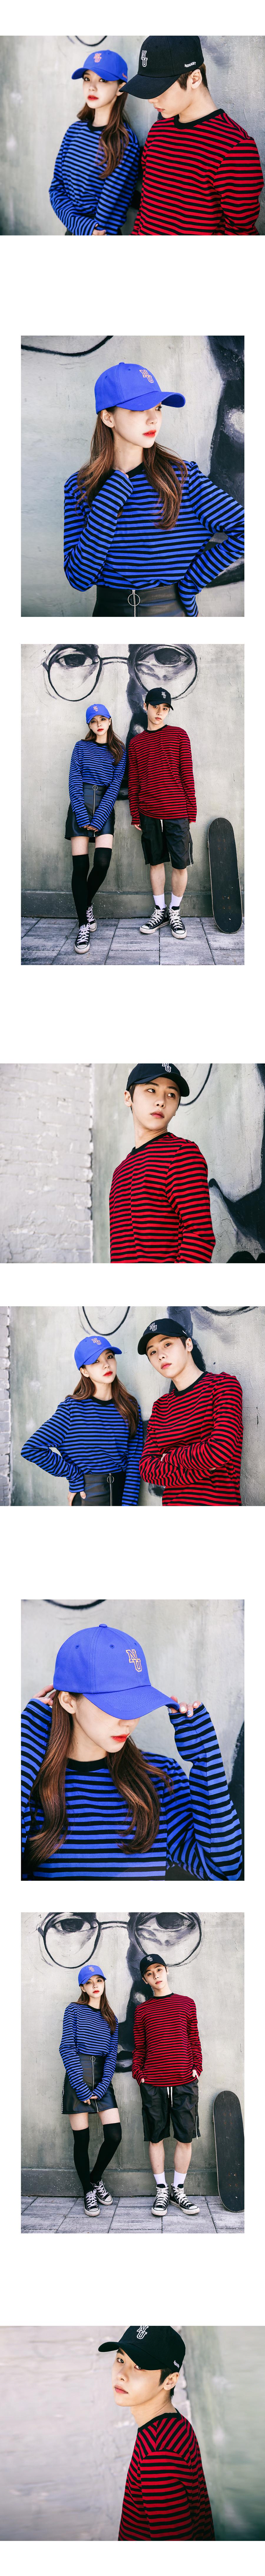 stripes_model2.jpg